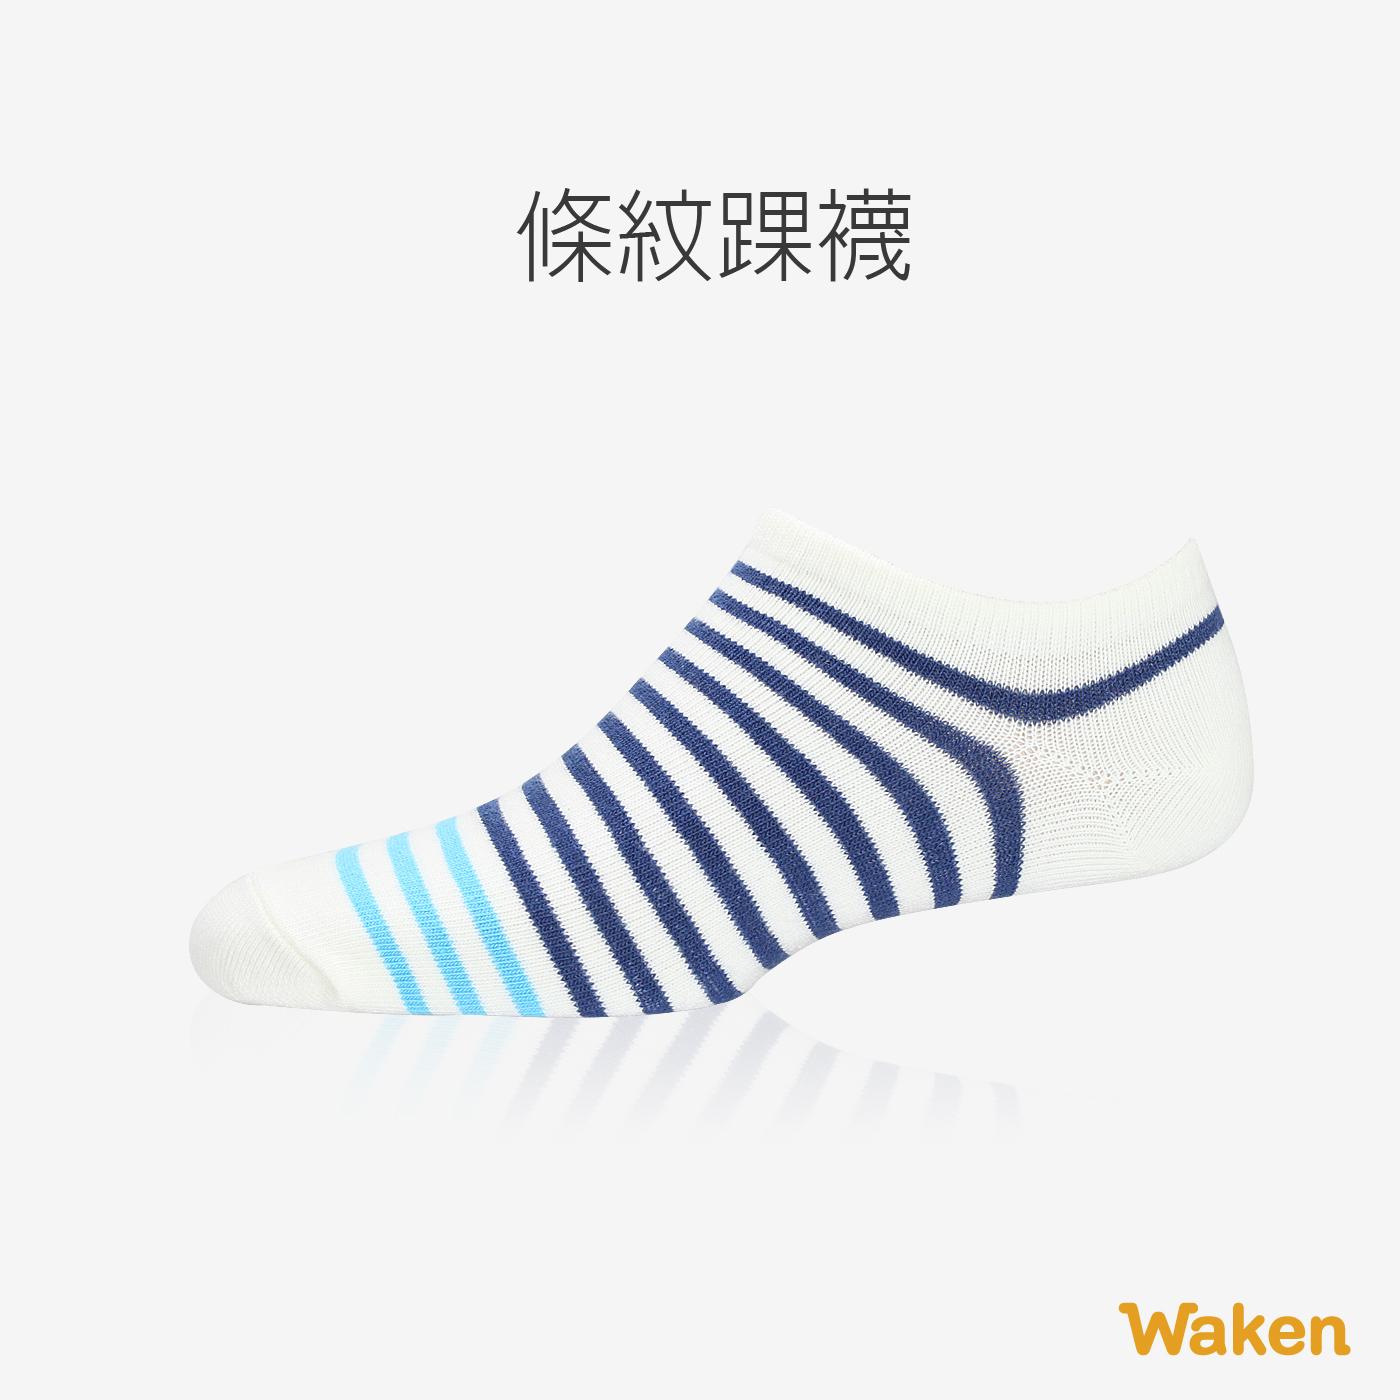 Waken  精梳棉條紋船型襪 / 白 / 男款